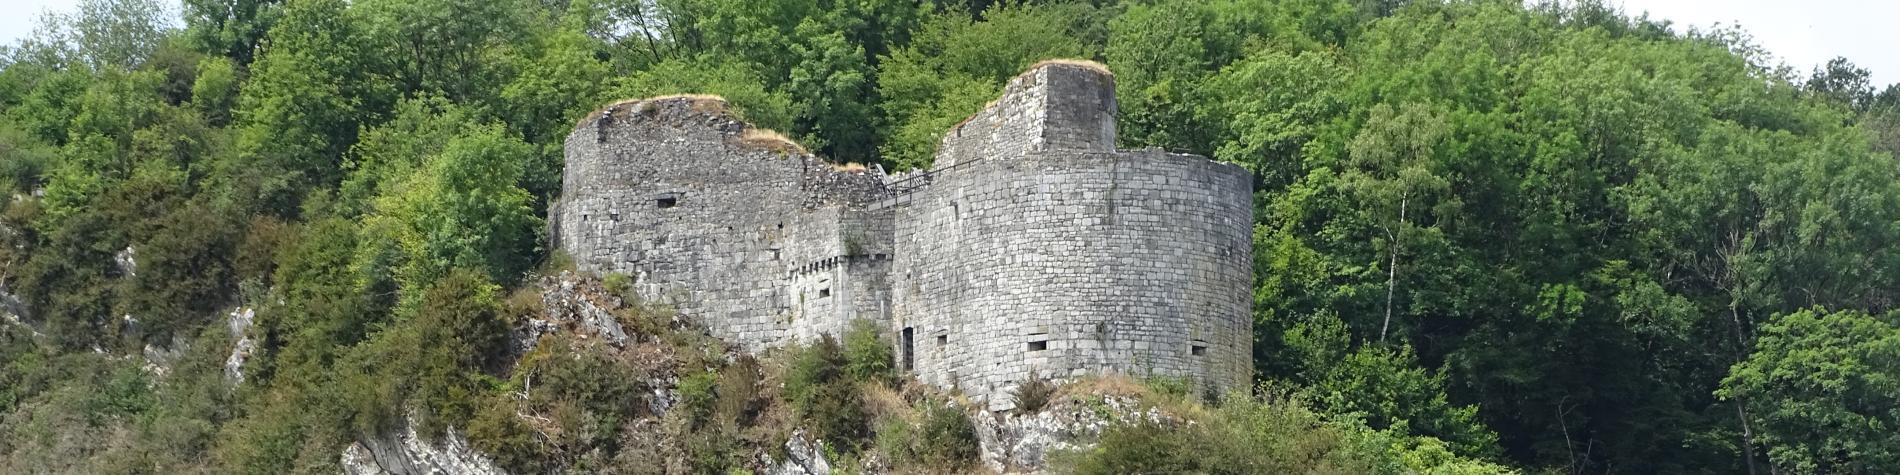 Les ruines de Crèvecoeur - Dinant